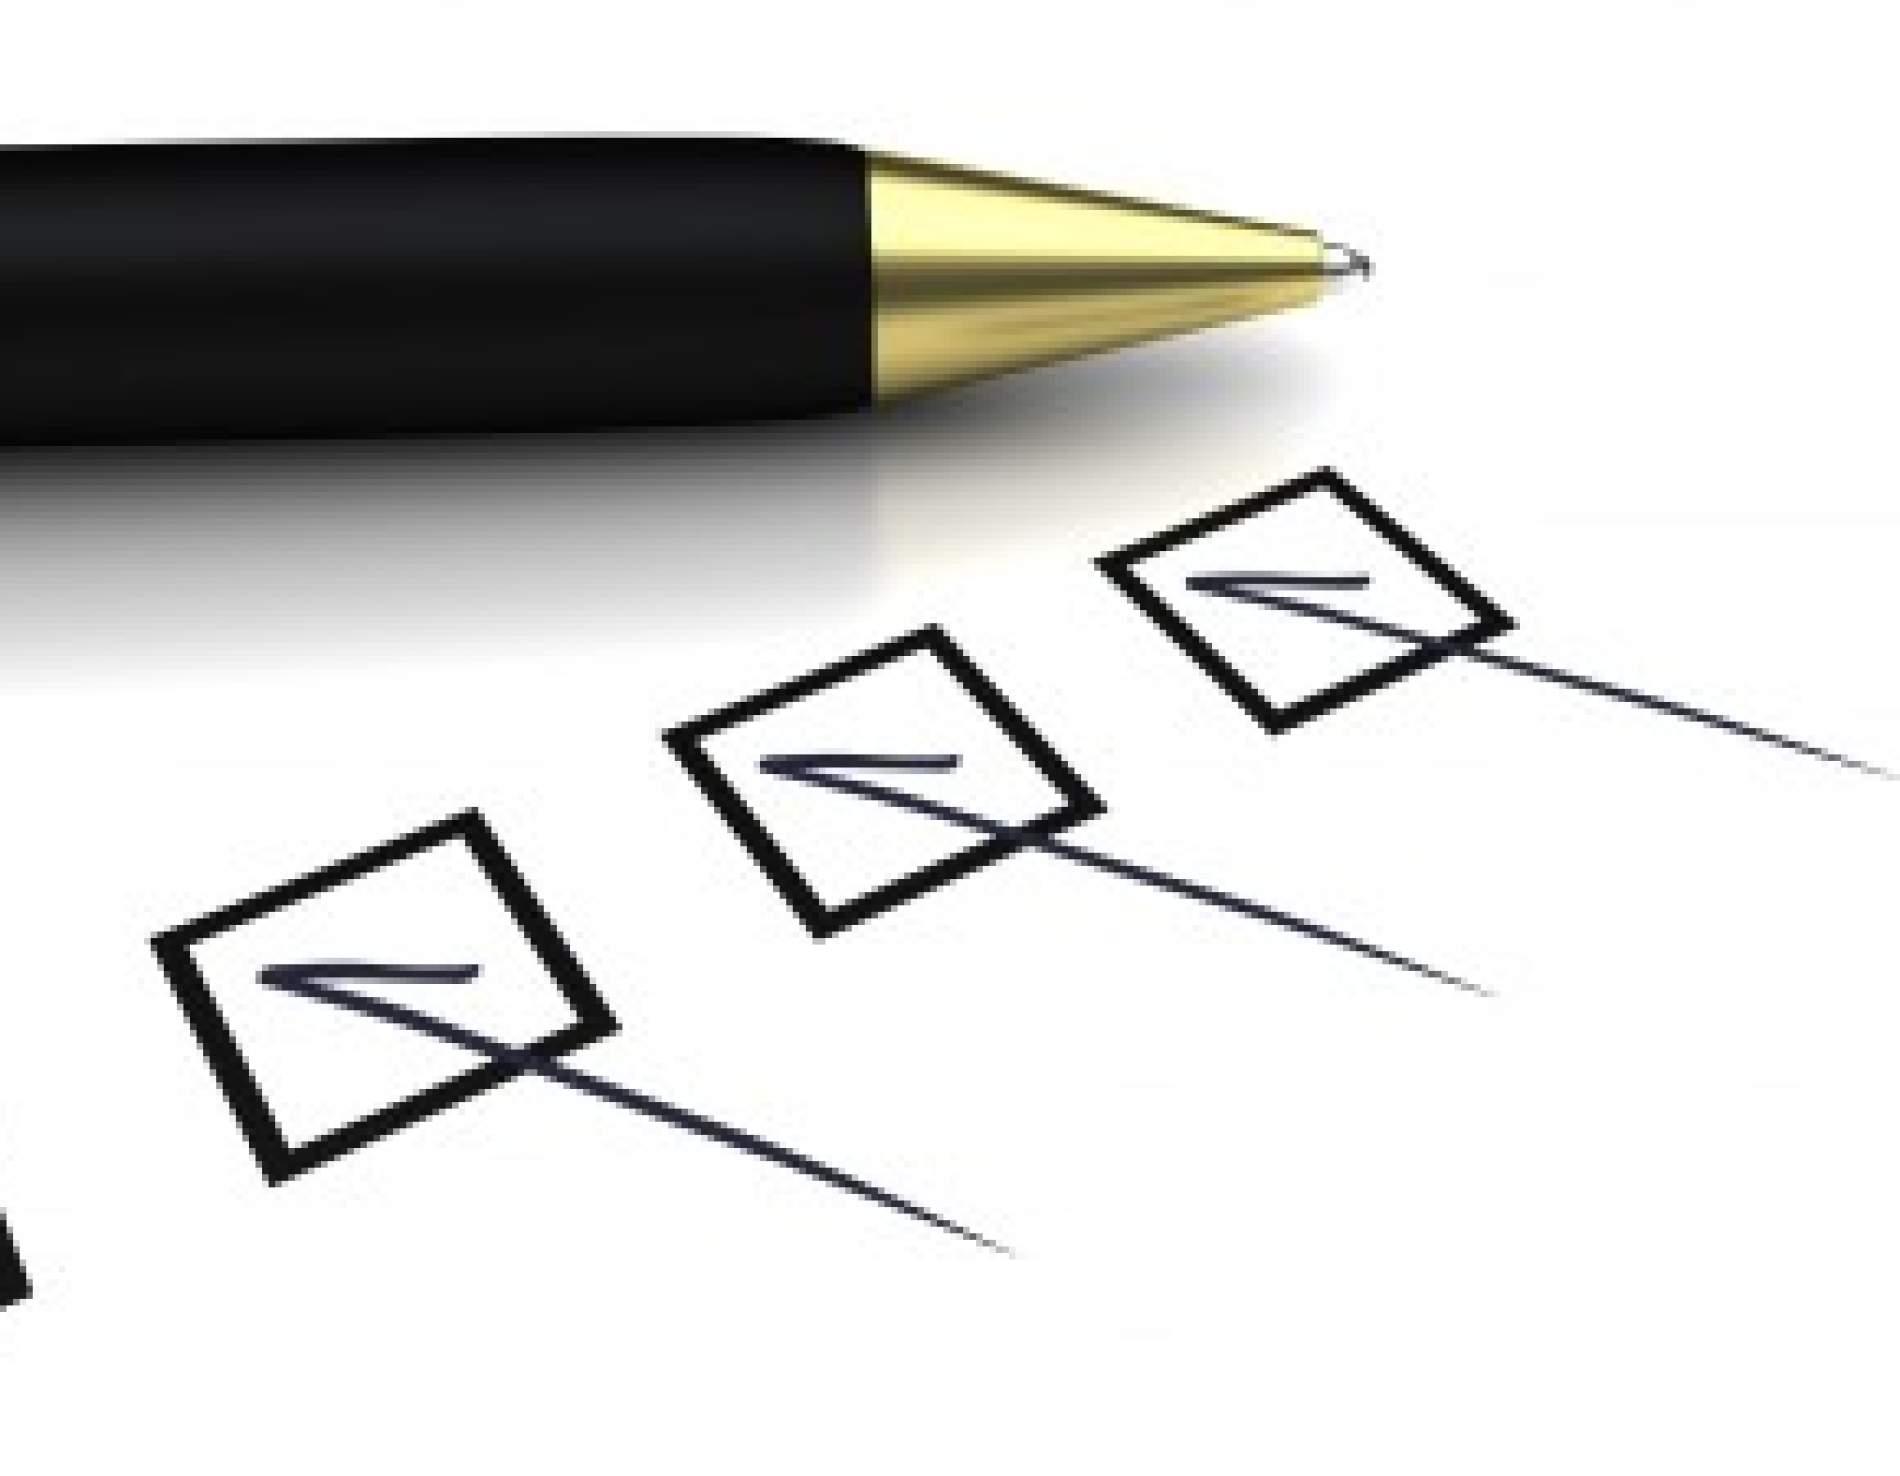 pens checking a box